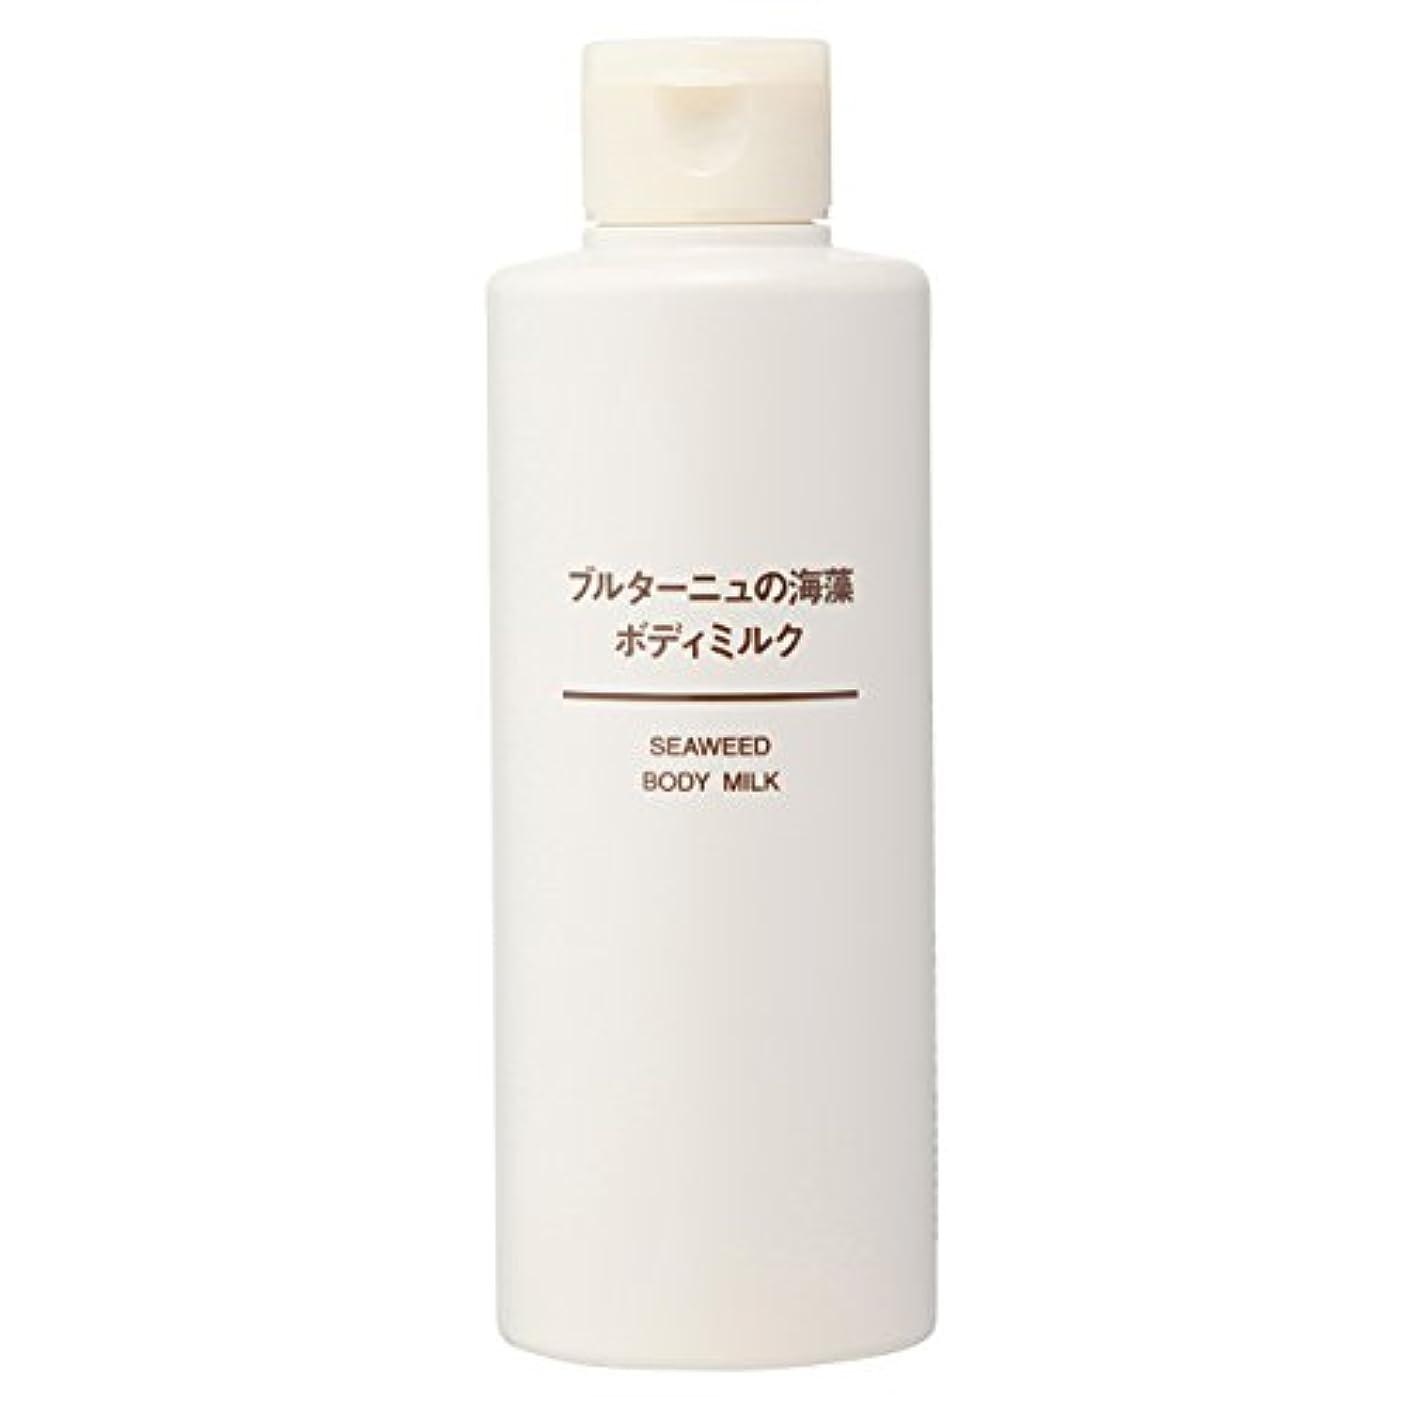 エンディング傘申込み無印良品 ブルターニュの海藻 ボディミルク 200ml 日本製